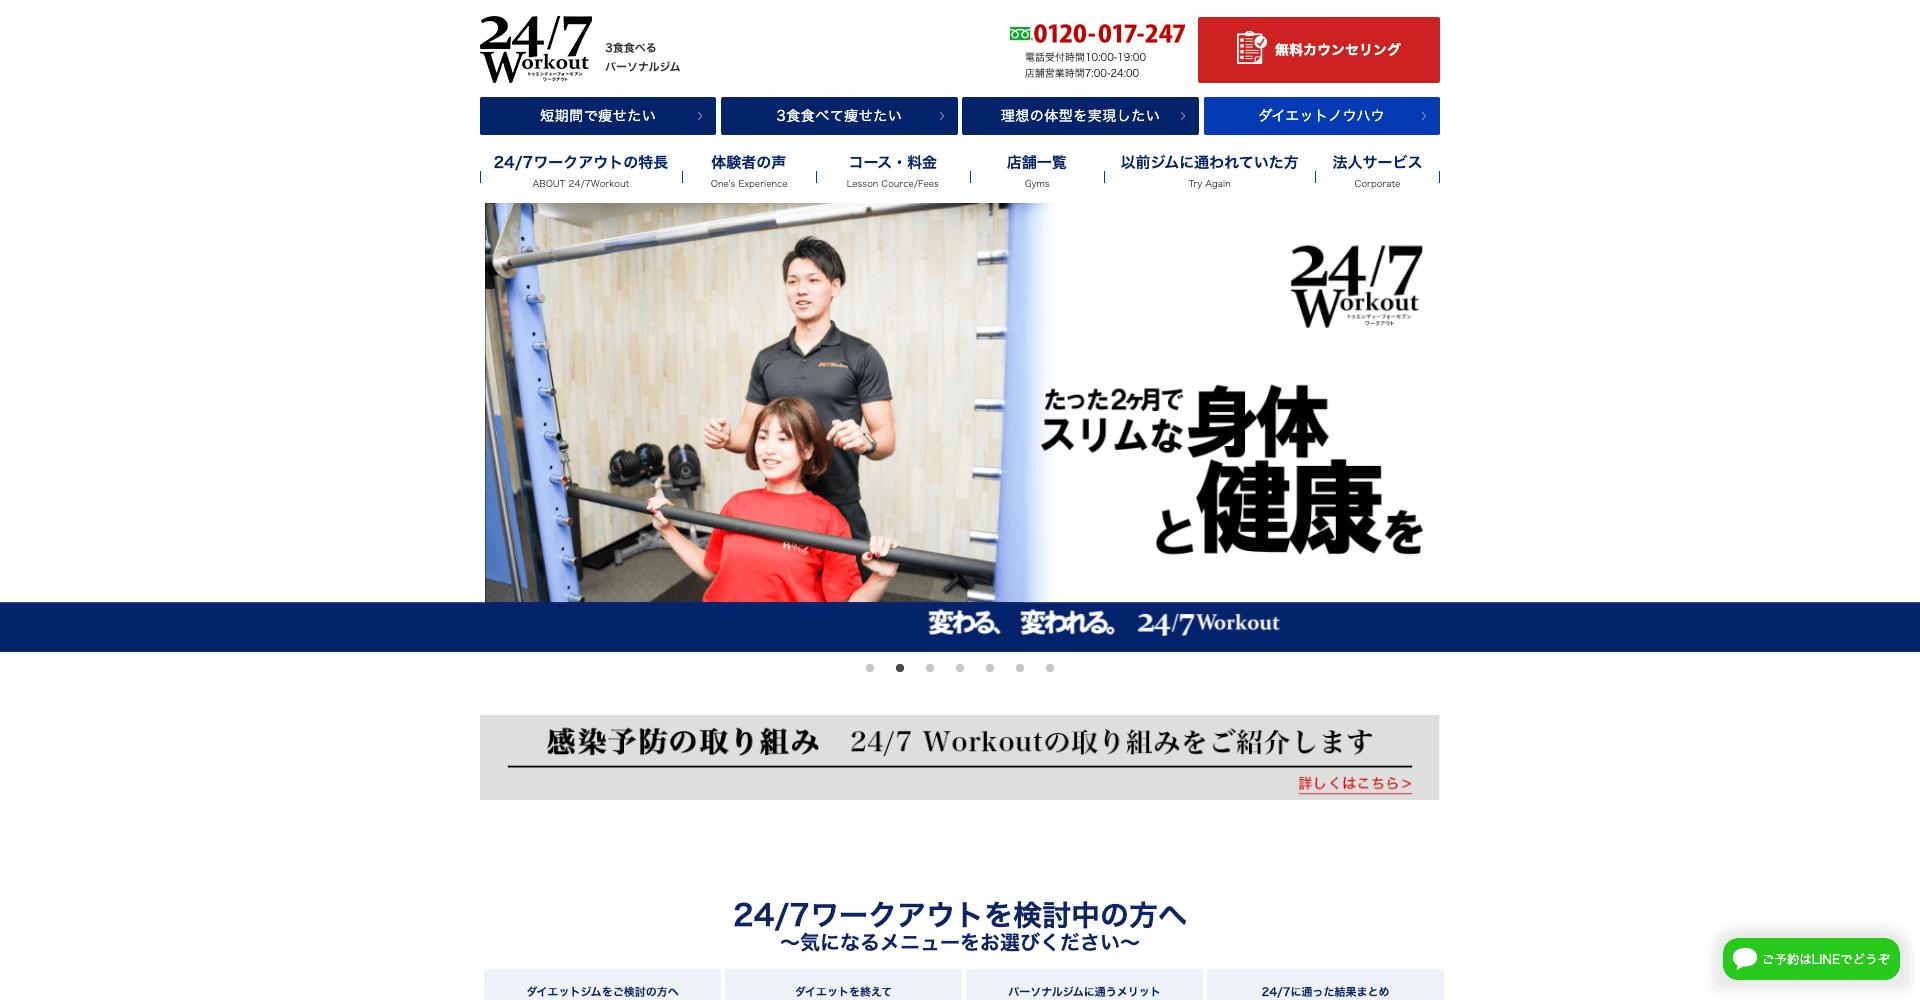 24/7ワークアウト【岡山店】